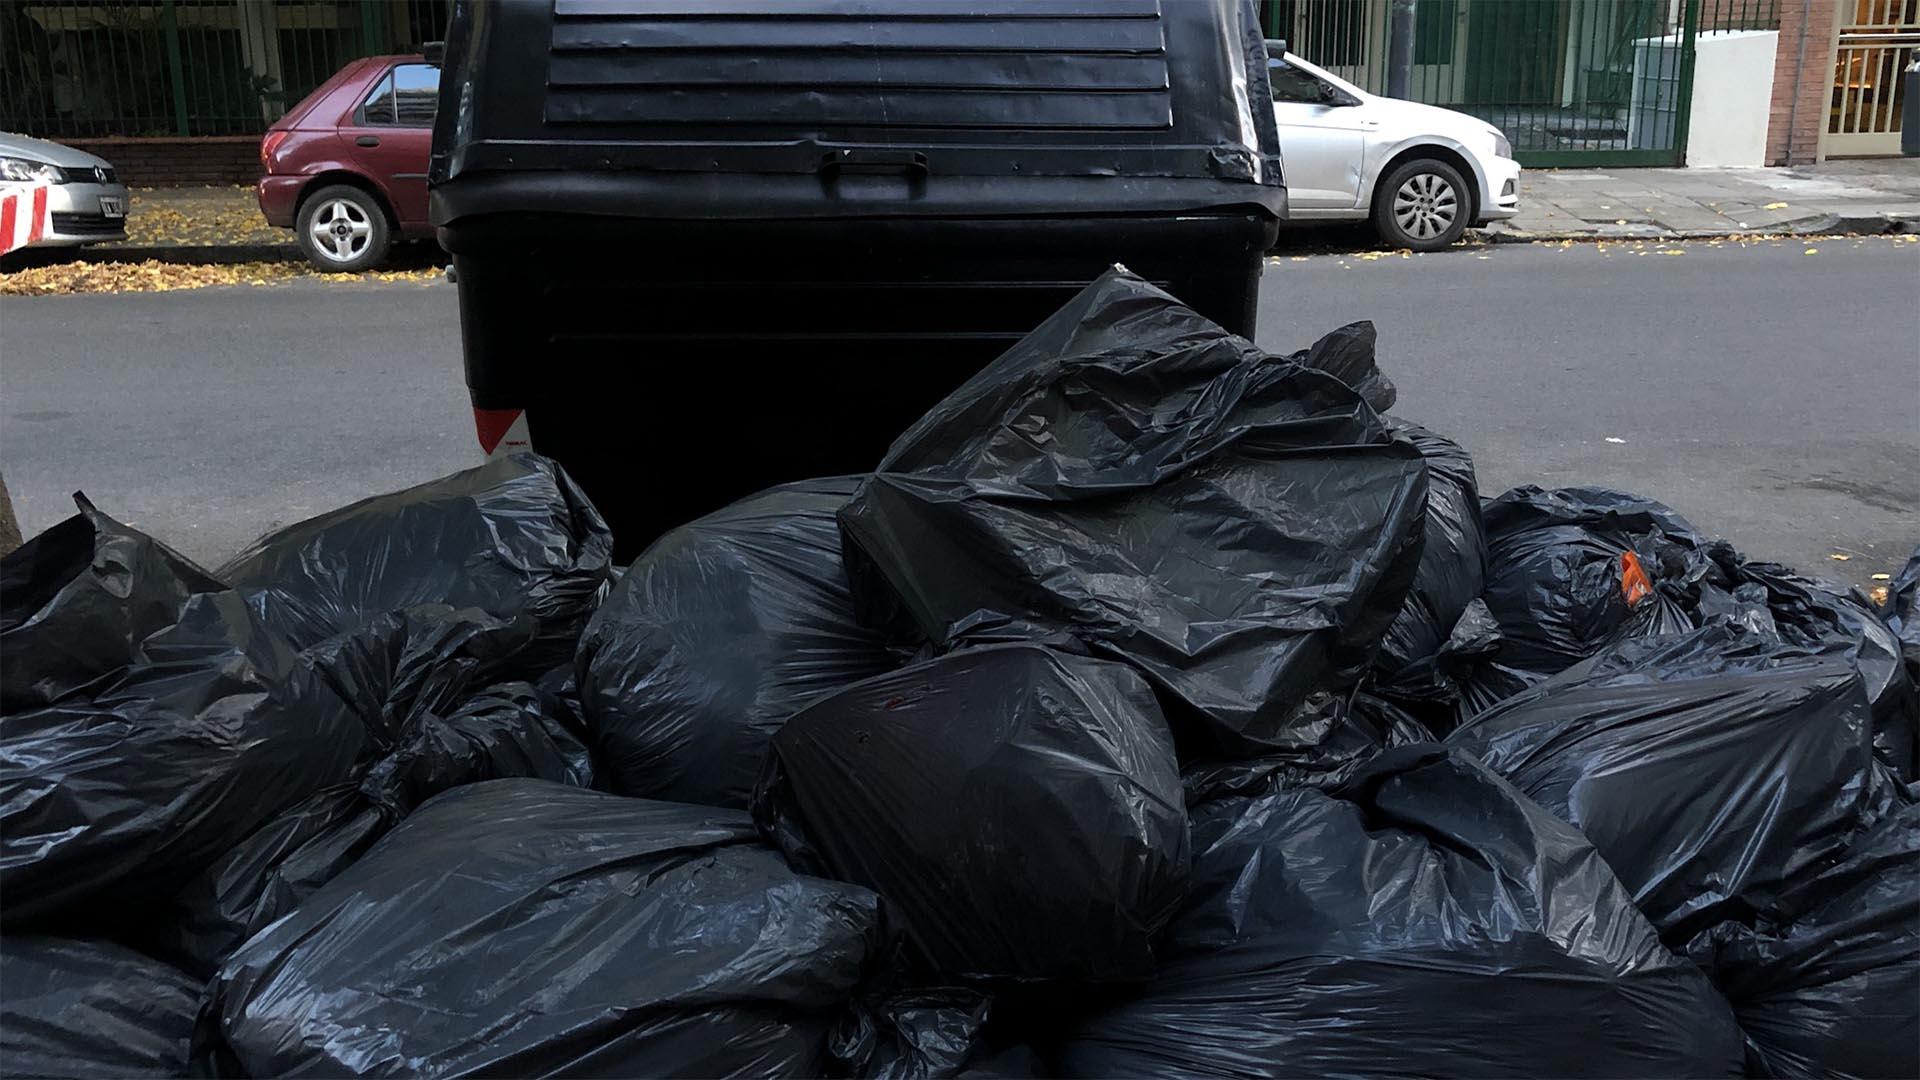 """Se acumularon más de dos días de basura en la calle y será """"complicado normalizarlo"""", anticiparon desde Camioneros."""